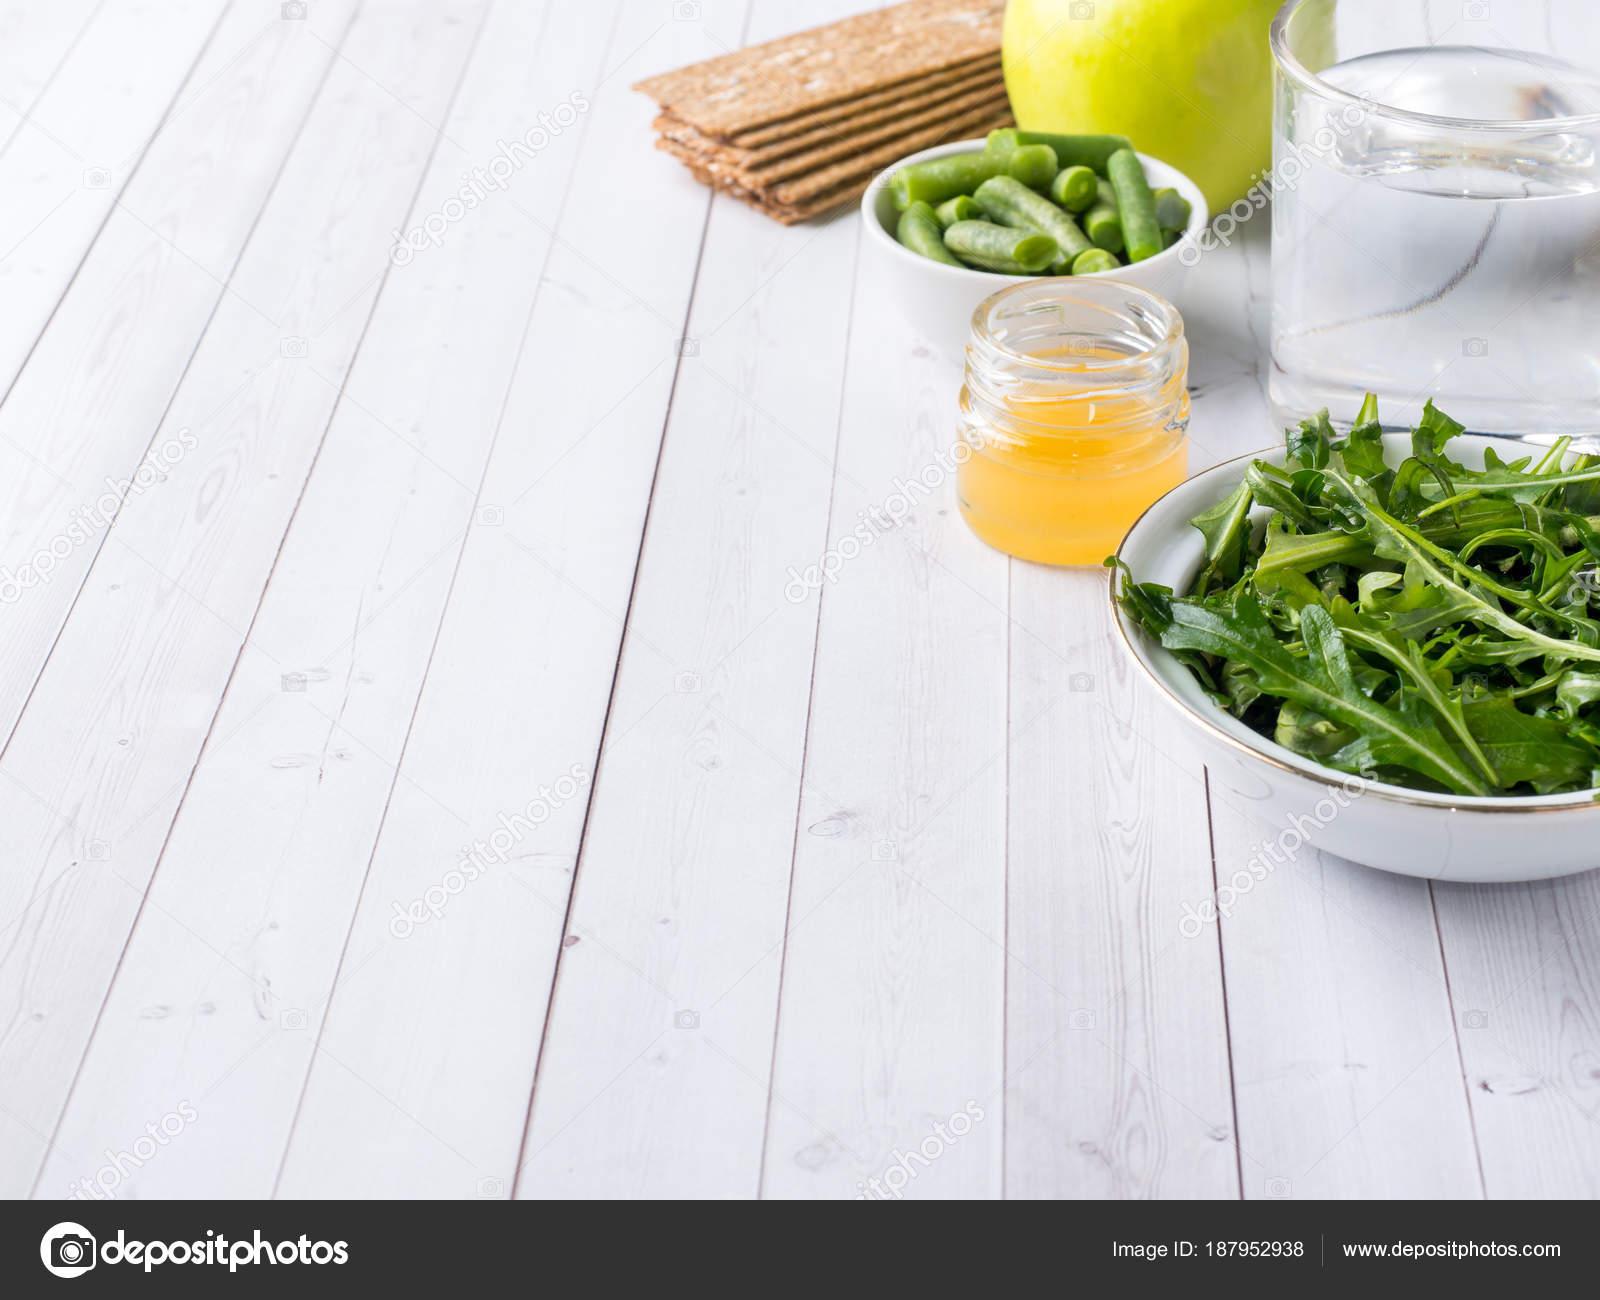 Здоровая диета еда на столе рукколой зеленая фасоль apple воды мед.